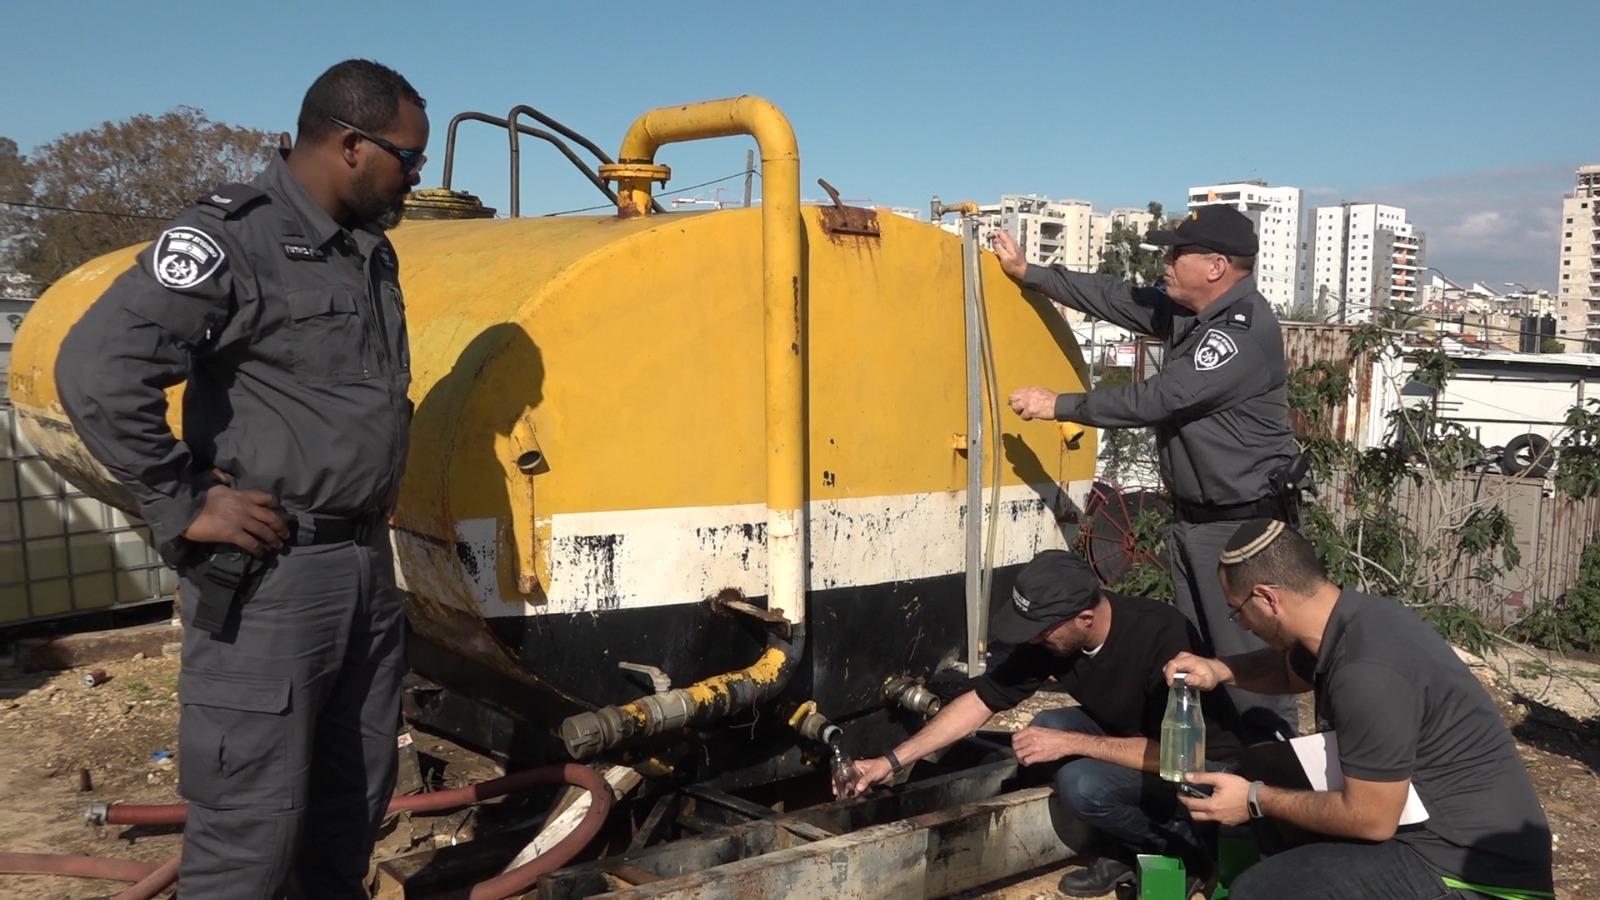 Photo of צפו: מבצע פשיטה גדול וסגירתן של על תחנות דלק פירטיות הפועלות בתוך שכונות מגורים ביהוד ומסכנות חיים